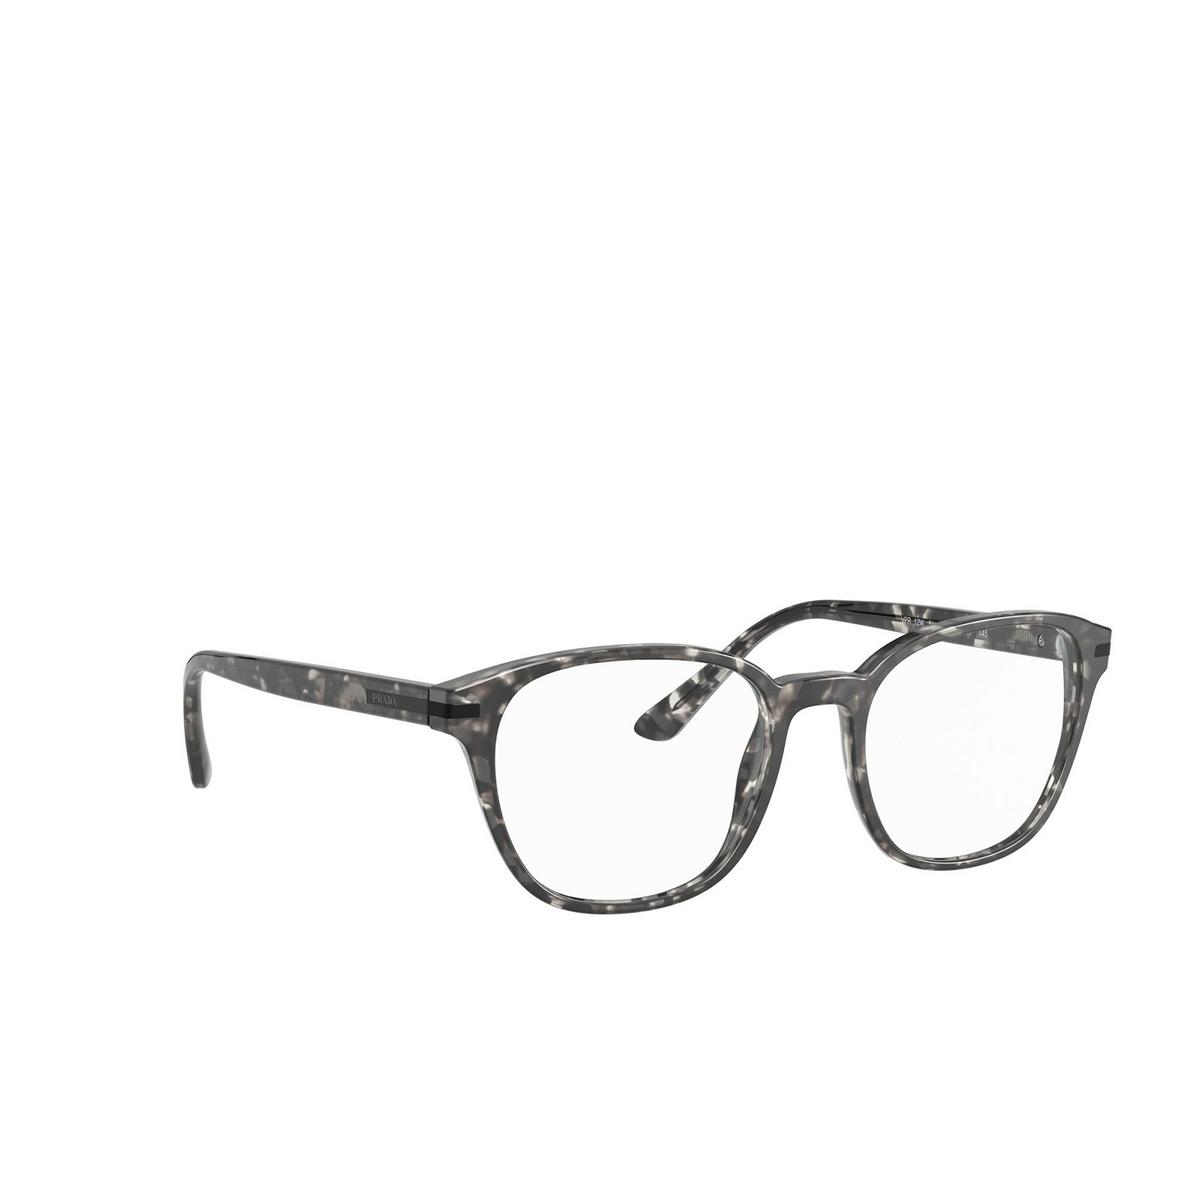 Prada® Square Eyeglasses: PR 12WV color Matte Grey Tortoise VH31O1 - three-quarters view.